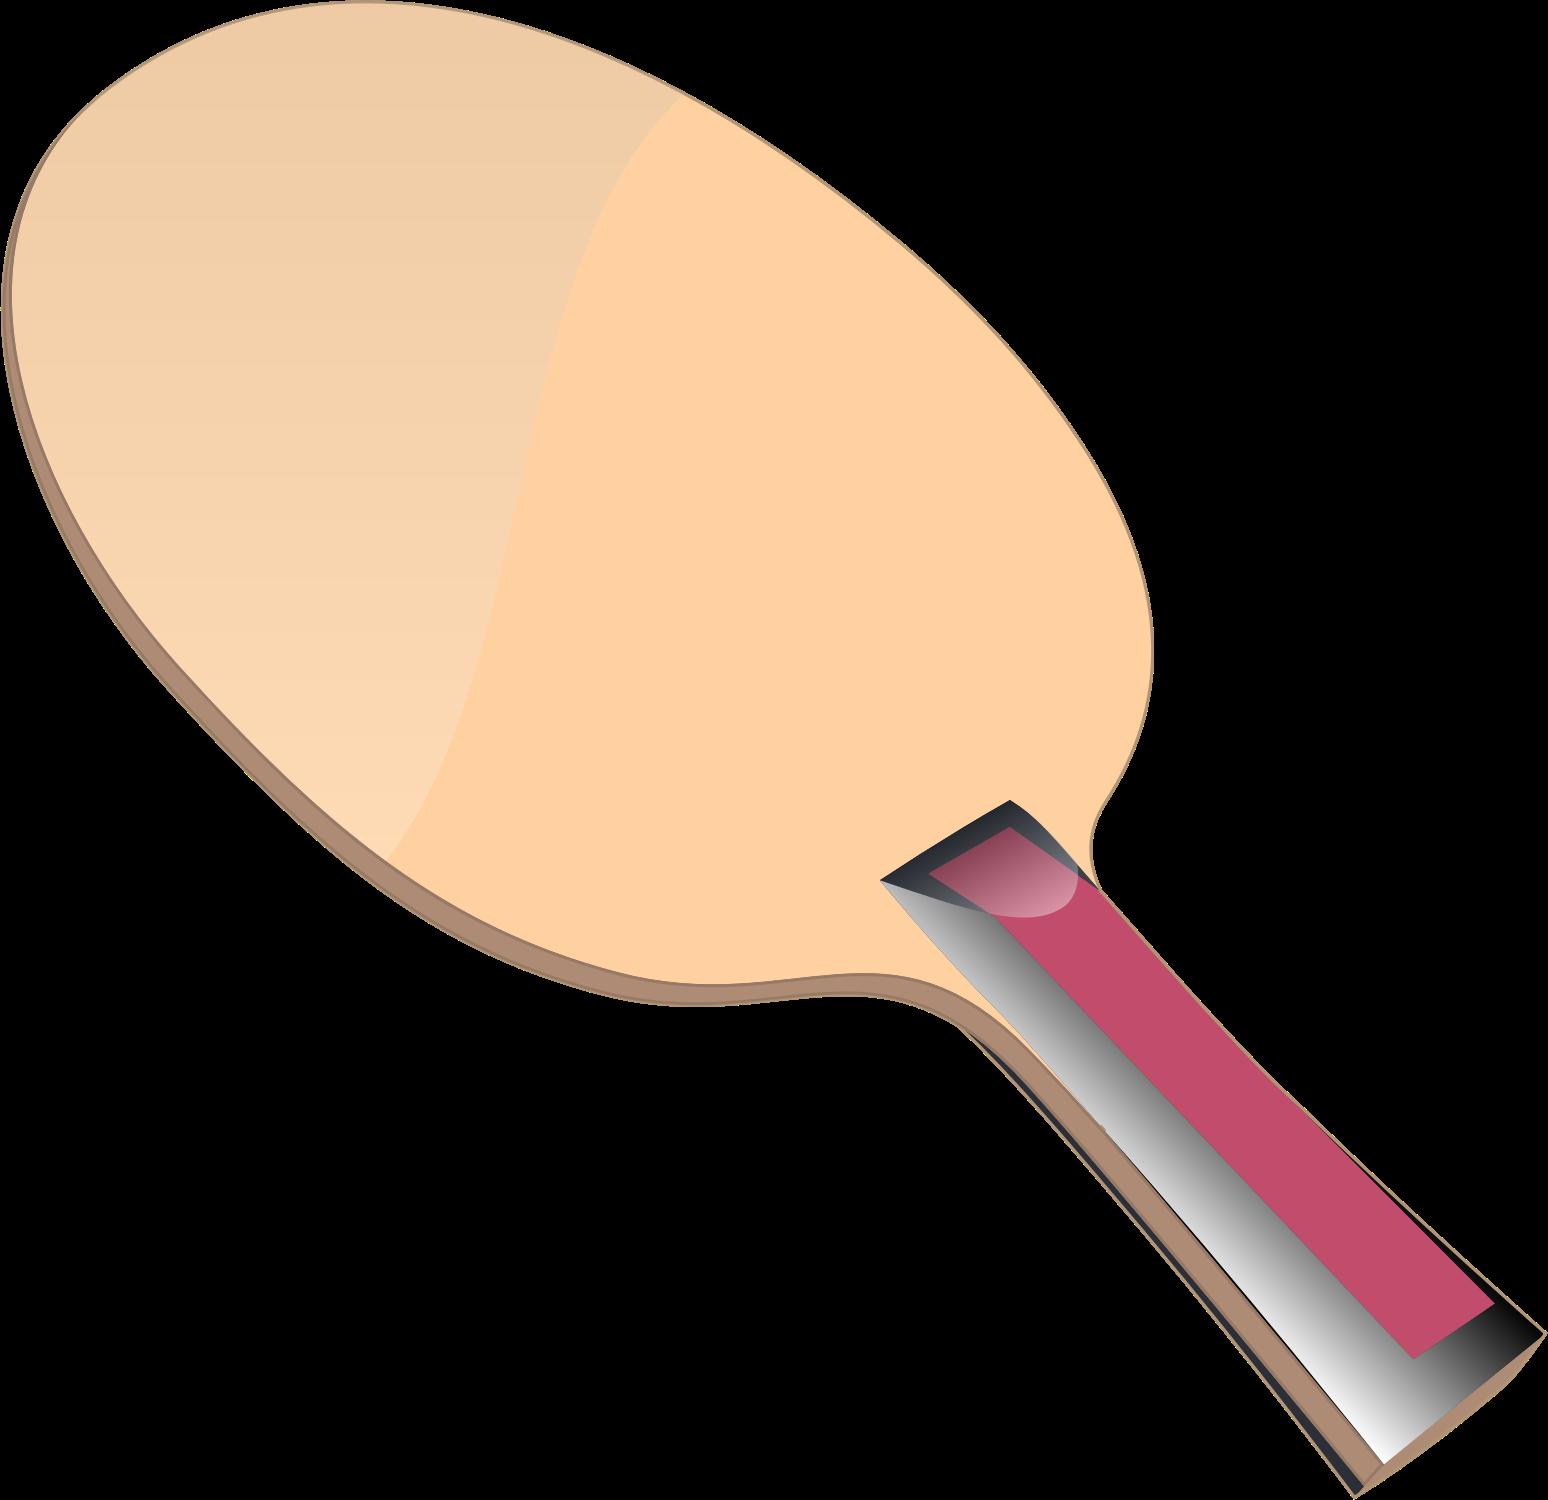 Big image png. Clipart bat ping pong